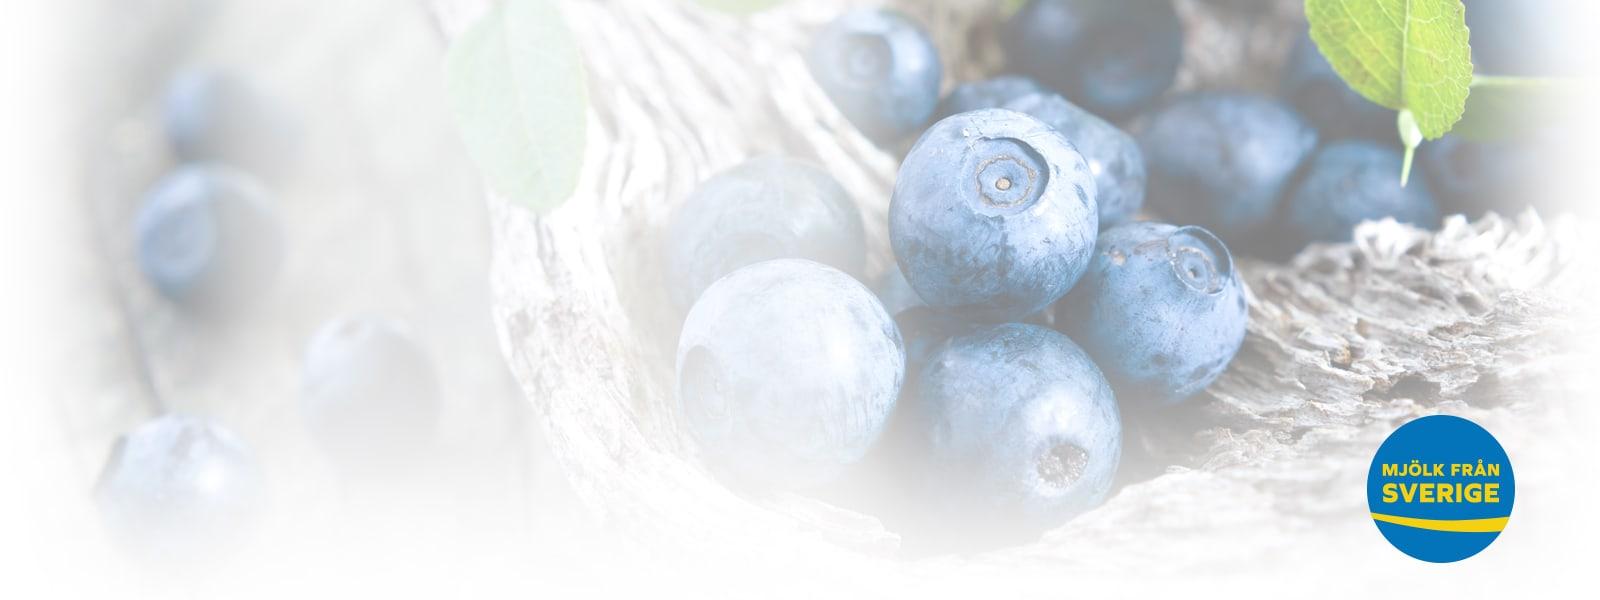 blåbär bakgrund med Mjölk från Sverige logo